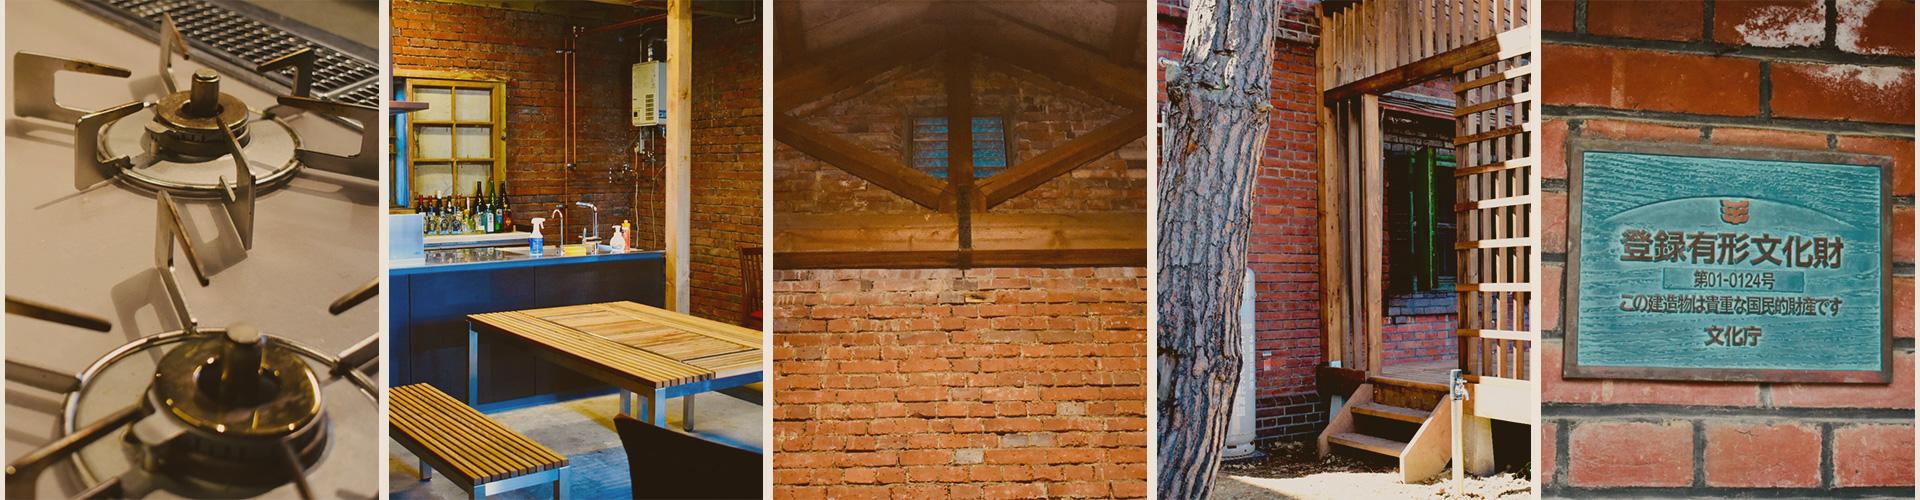 柳田家住宅旧りんご蔵で現アップルロッヂの画像